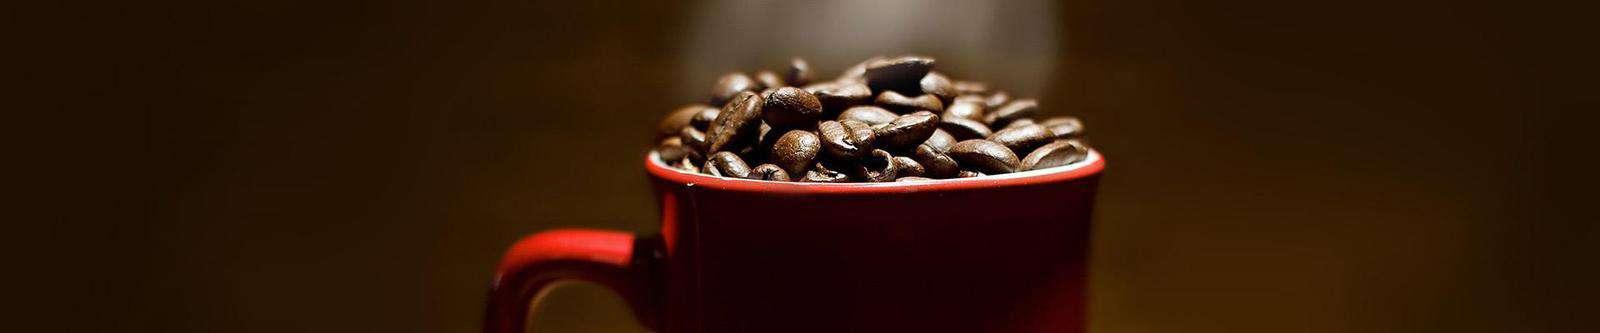 macchine da caffè riparazione e vendita atf Firenze